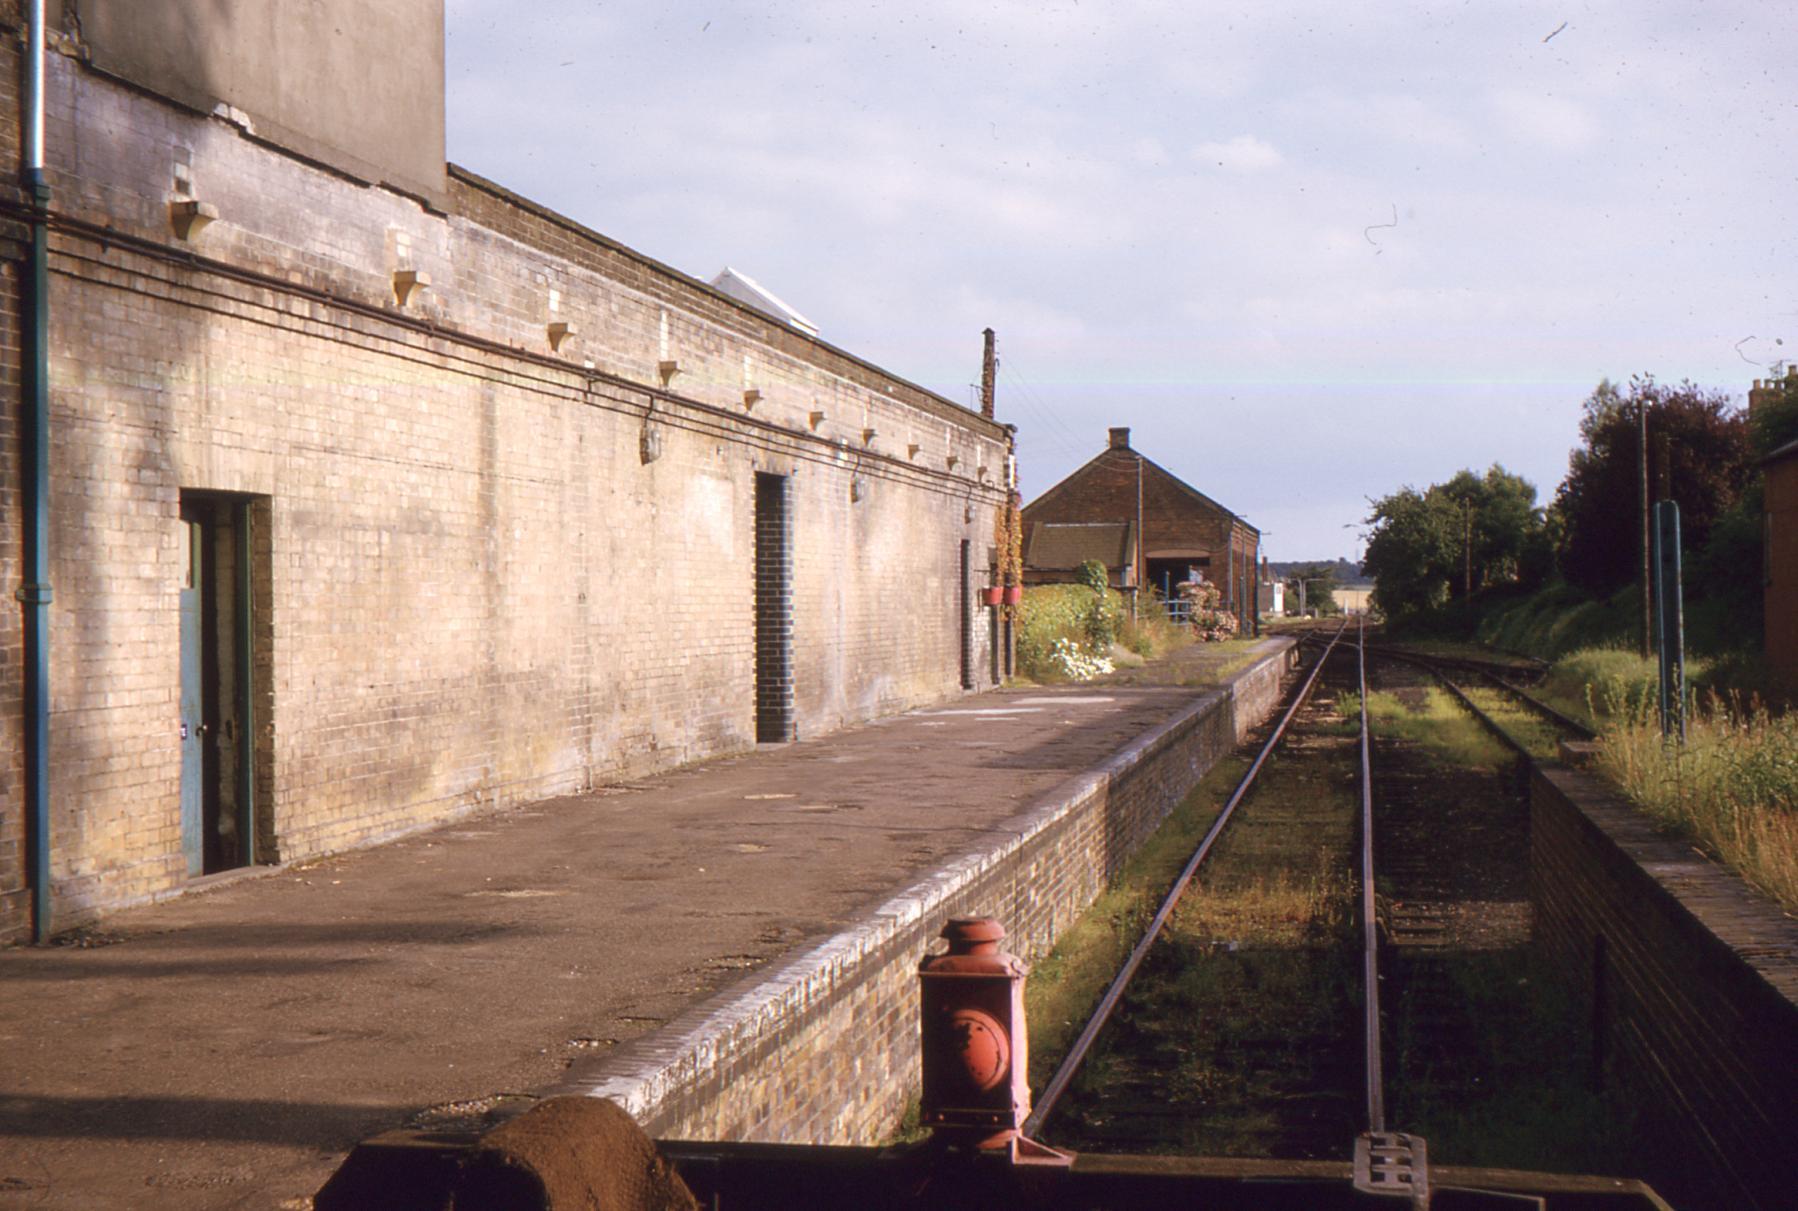 Station platform, 1960